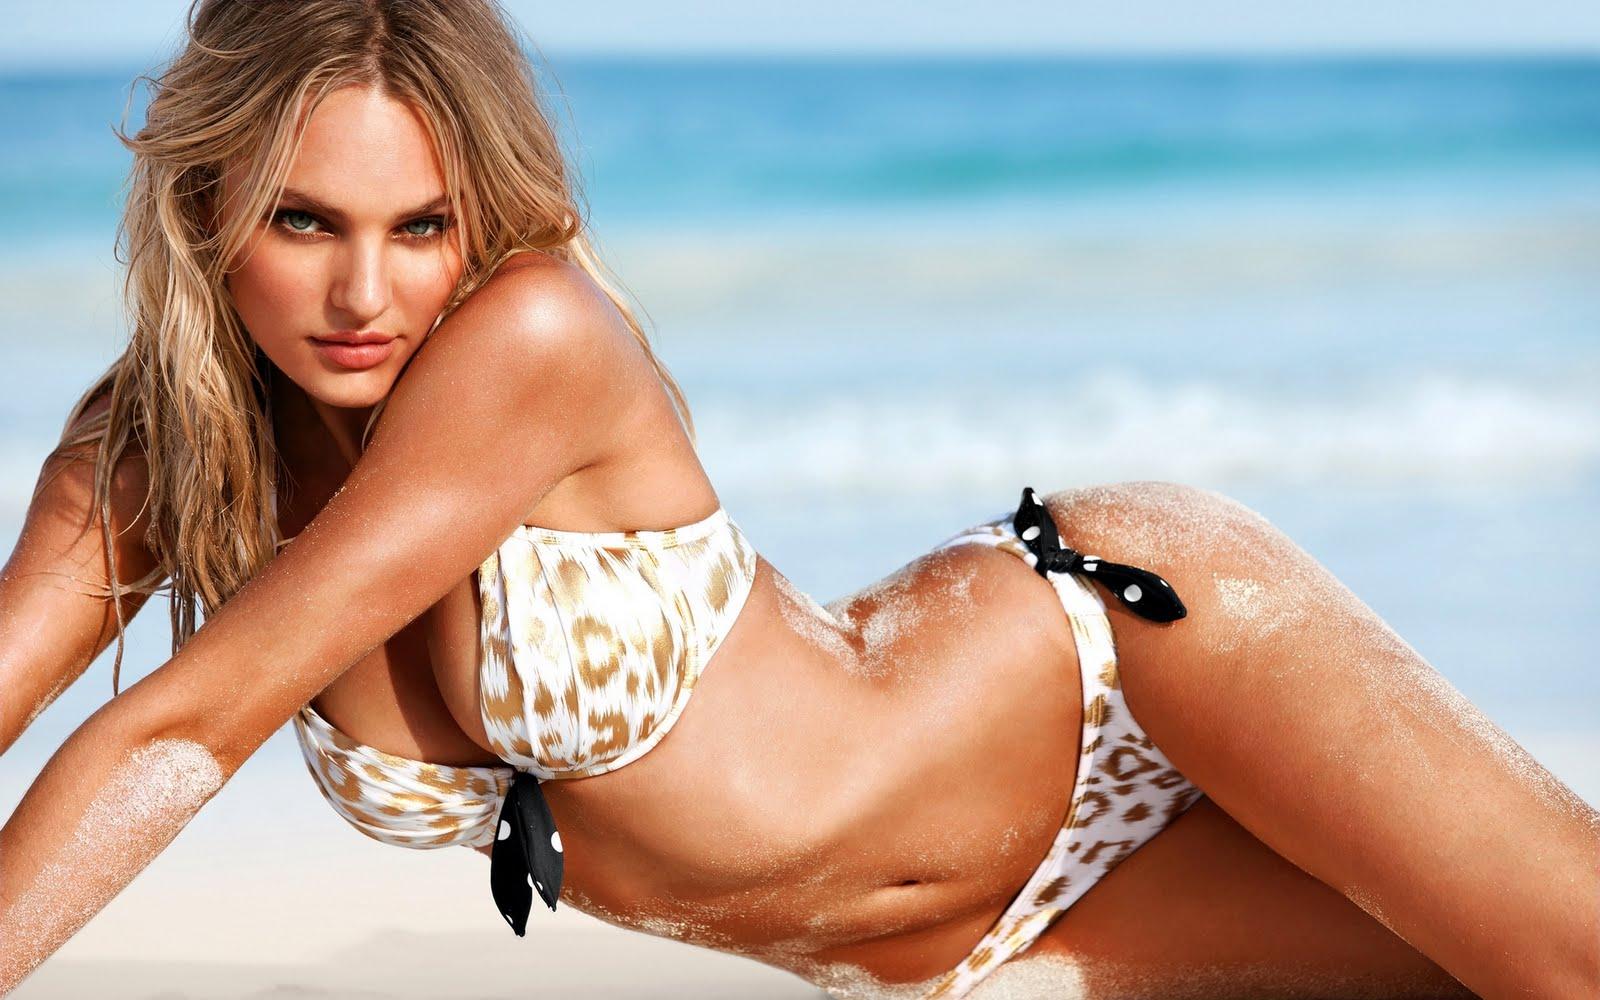 http://1.bp.blogspot.com/-_aXmveKMl8Y/Ty5KbF6OdfI/AAAAAAAALrQ/JOMl5AaxJ7s/s1600/candice-swanepoel-bikini-HD-wallpapers-2012+(4).jpg